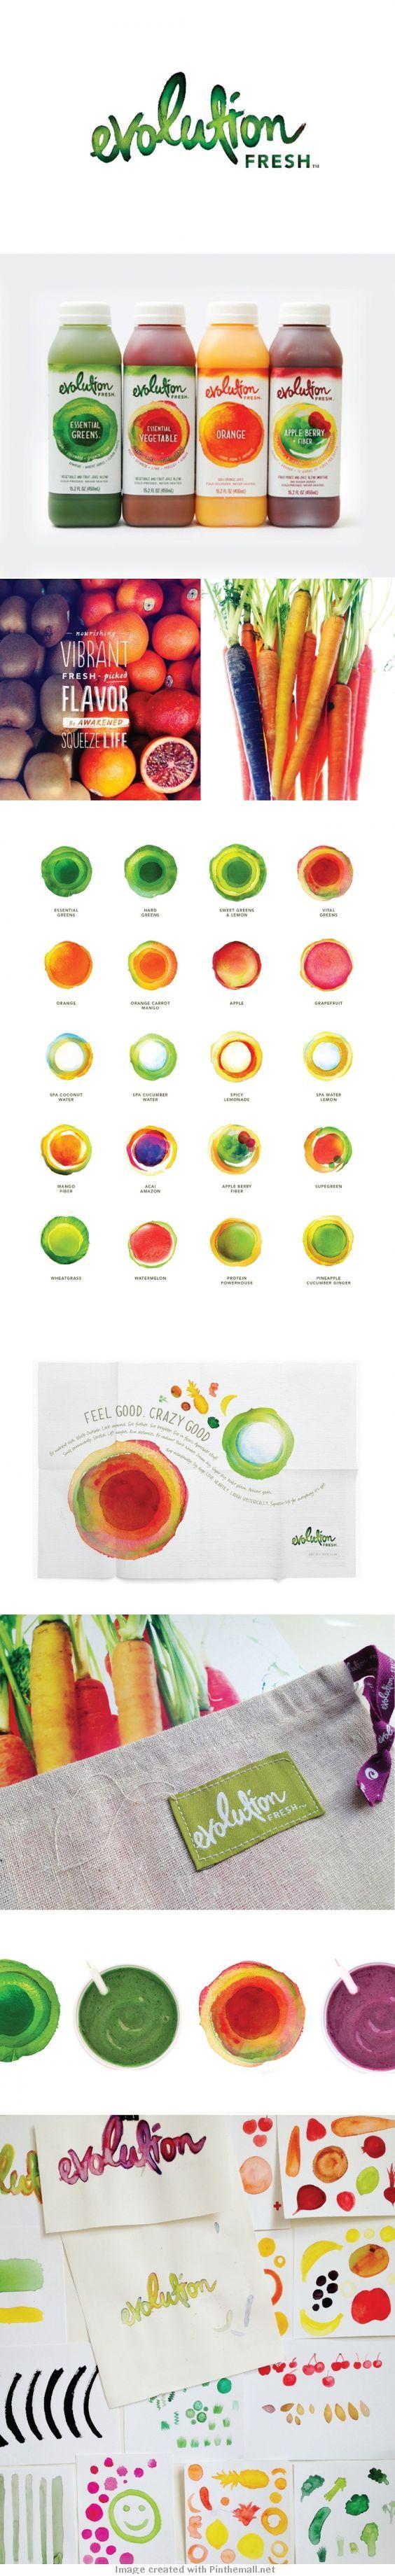 進化新鮮美味的新鮮#juice #identity #packaging #branding PD: